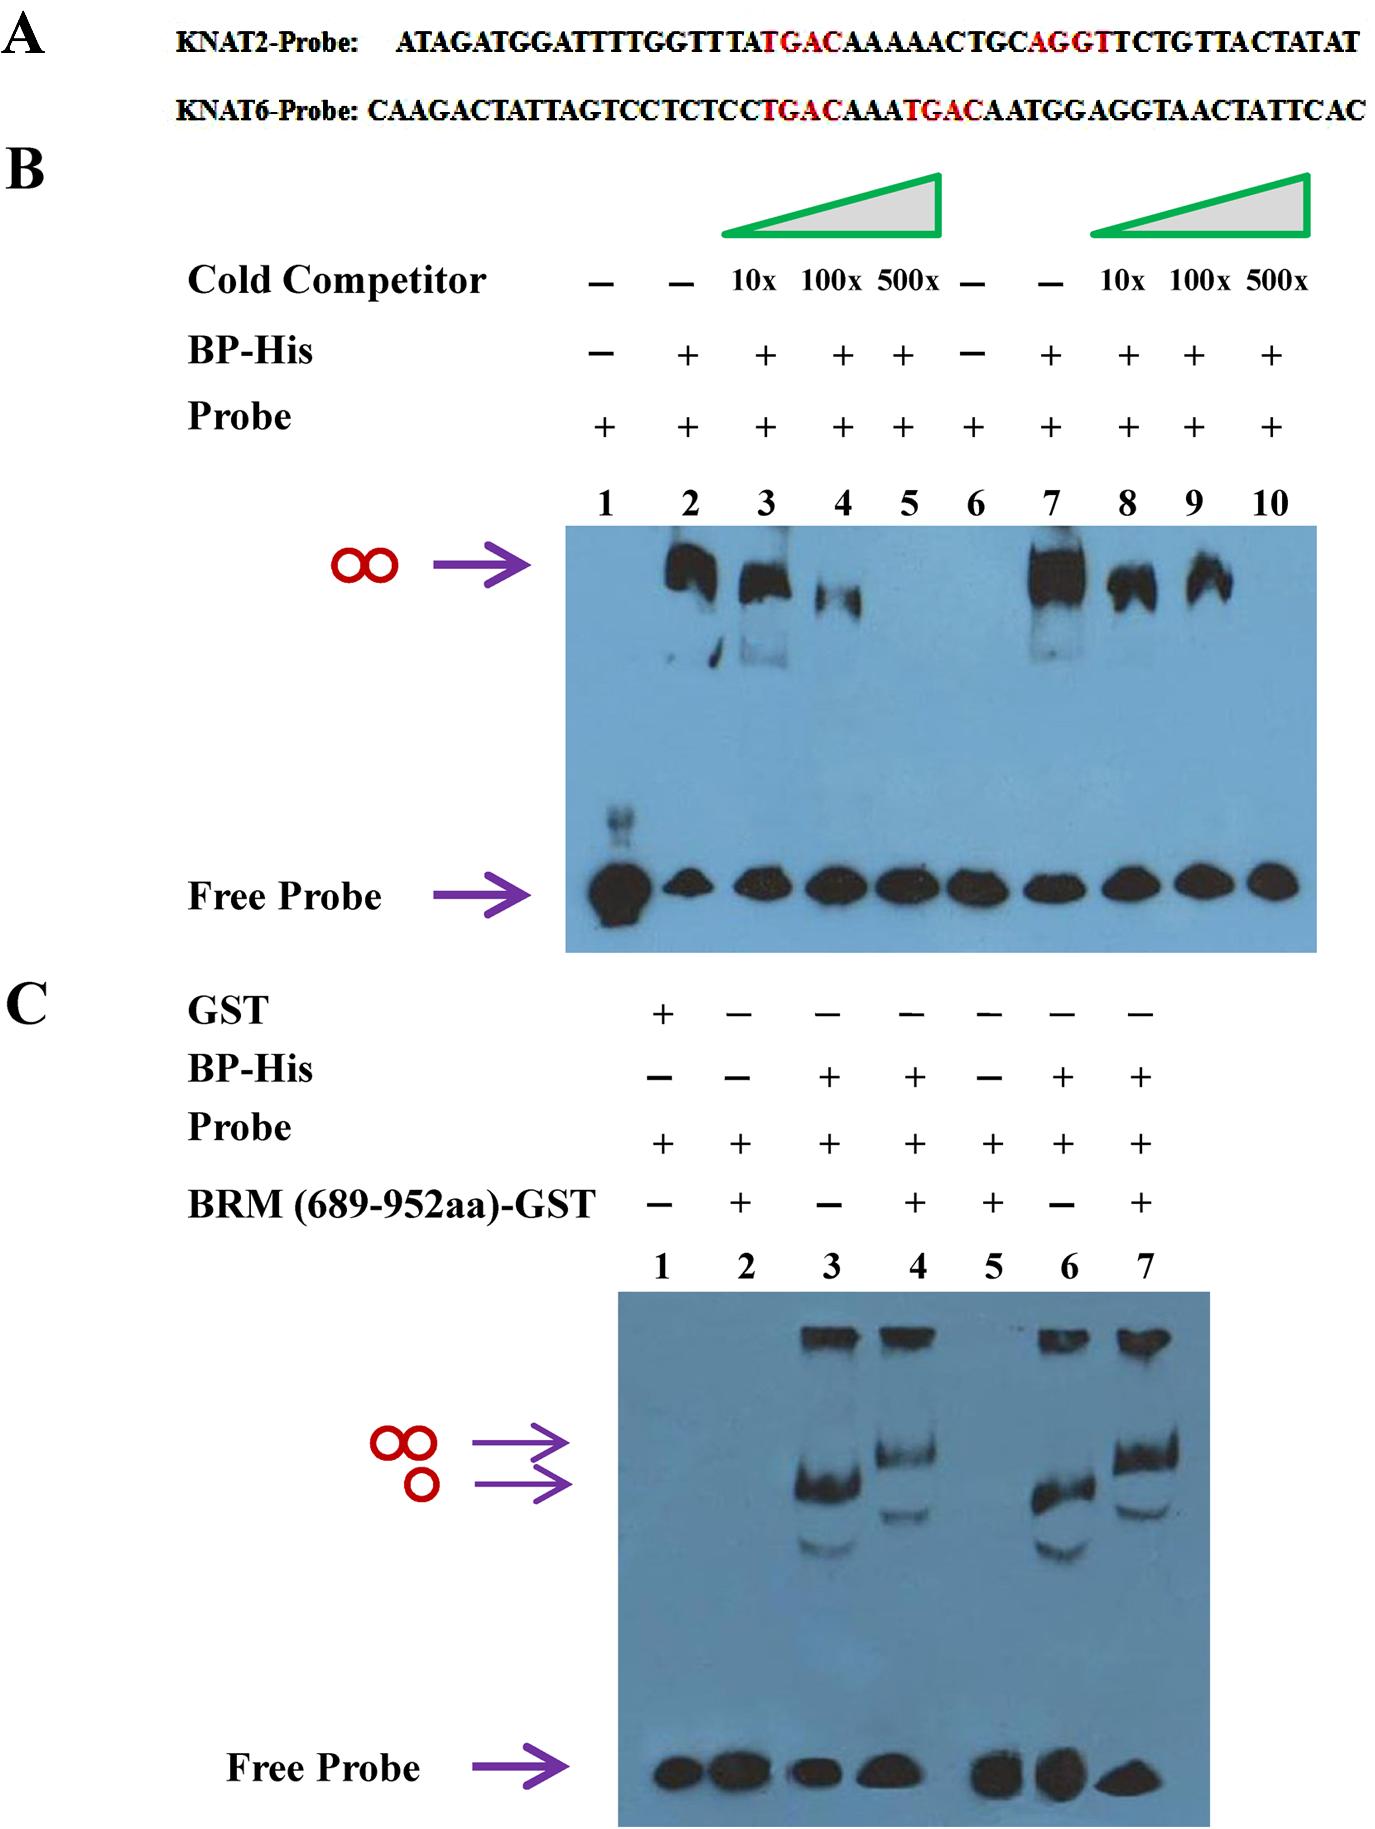 BP binds to <i>KNAT2</i> and <i>KNAT6 in vitro</i>.